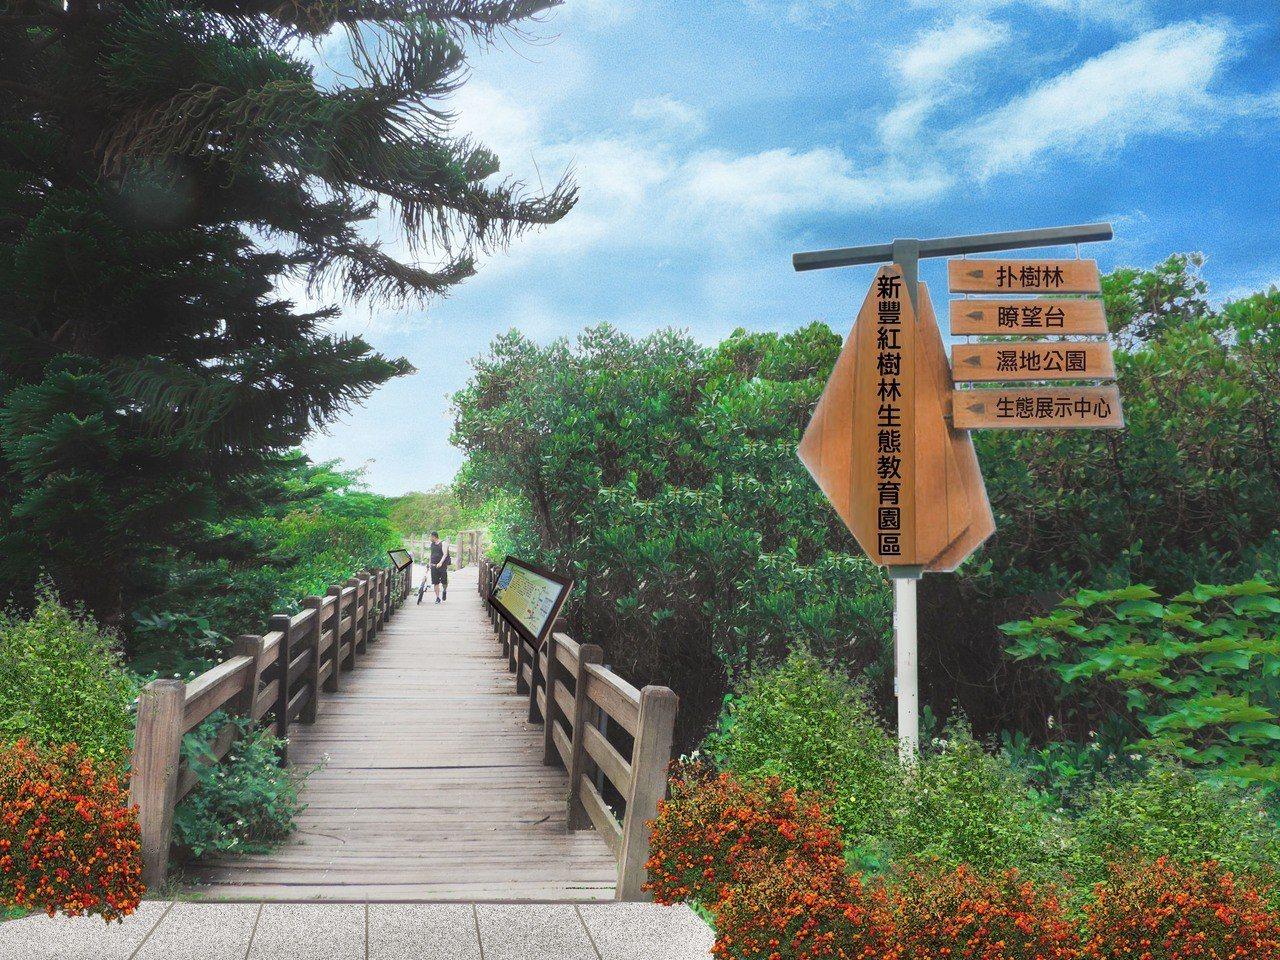 新竹縣新豐紅樹林未來的新豐自行車道標系。圖/縣府提供